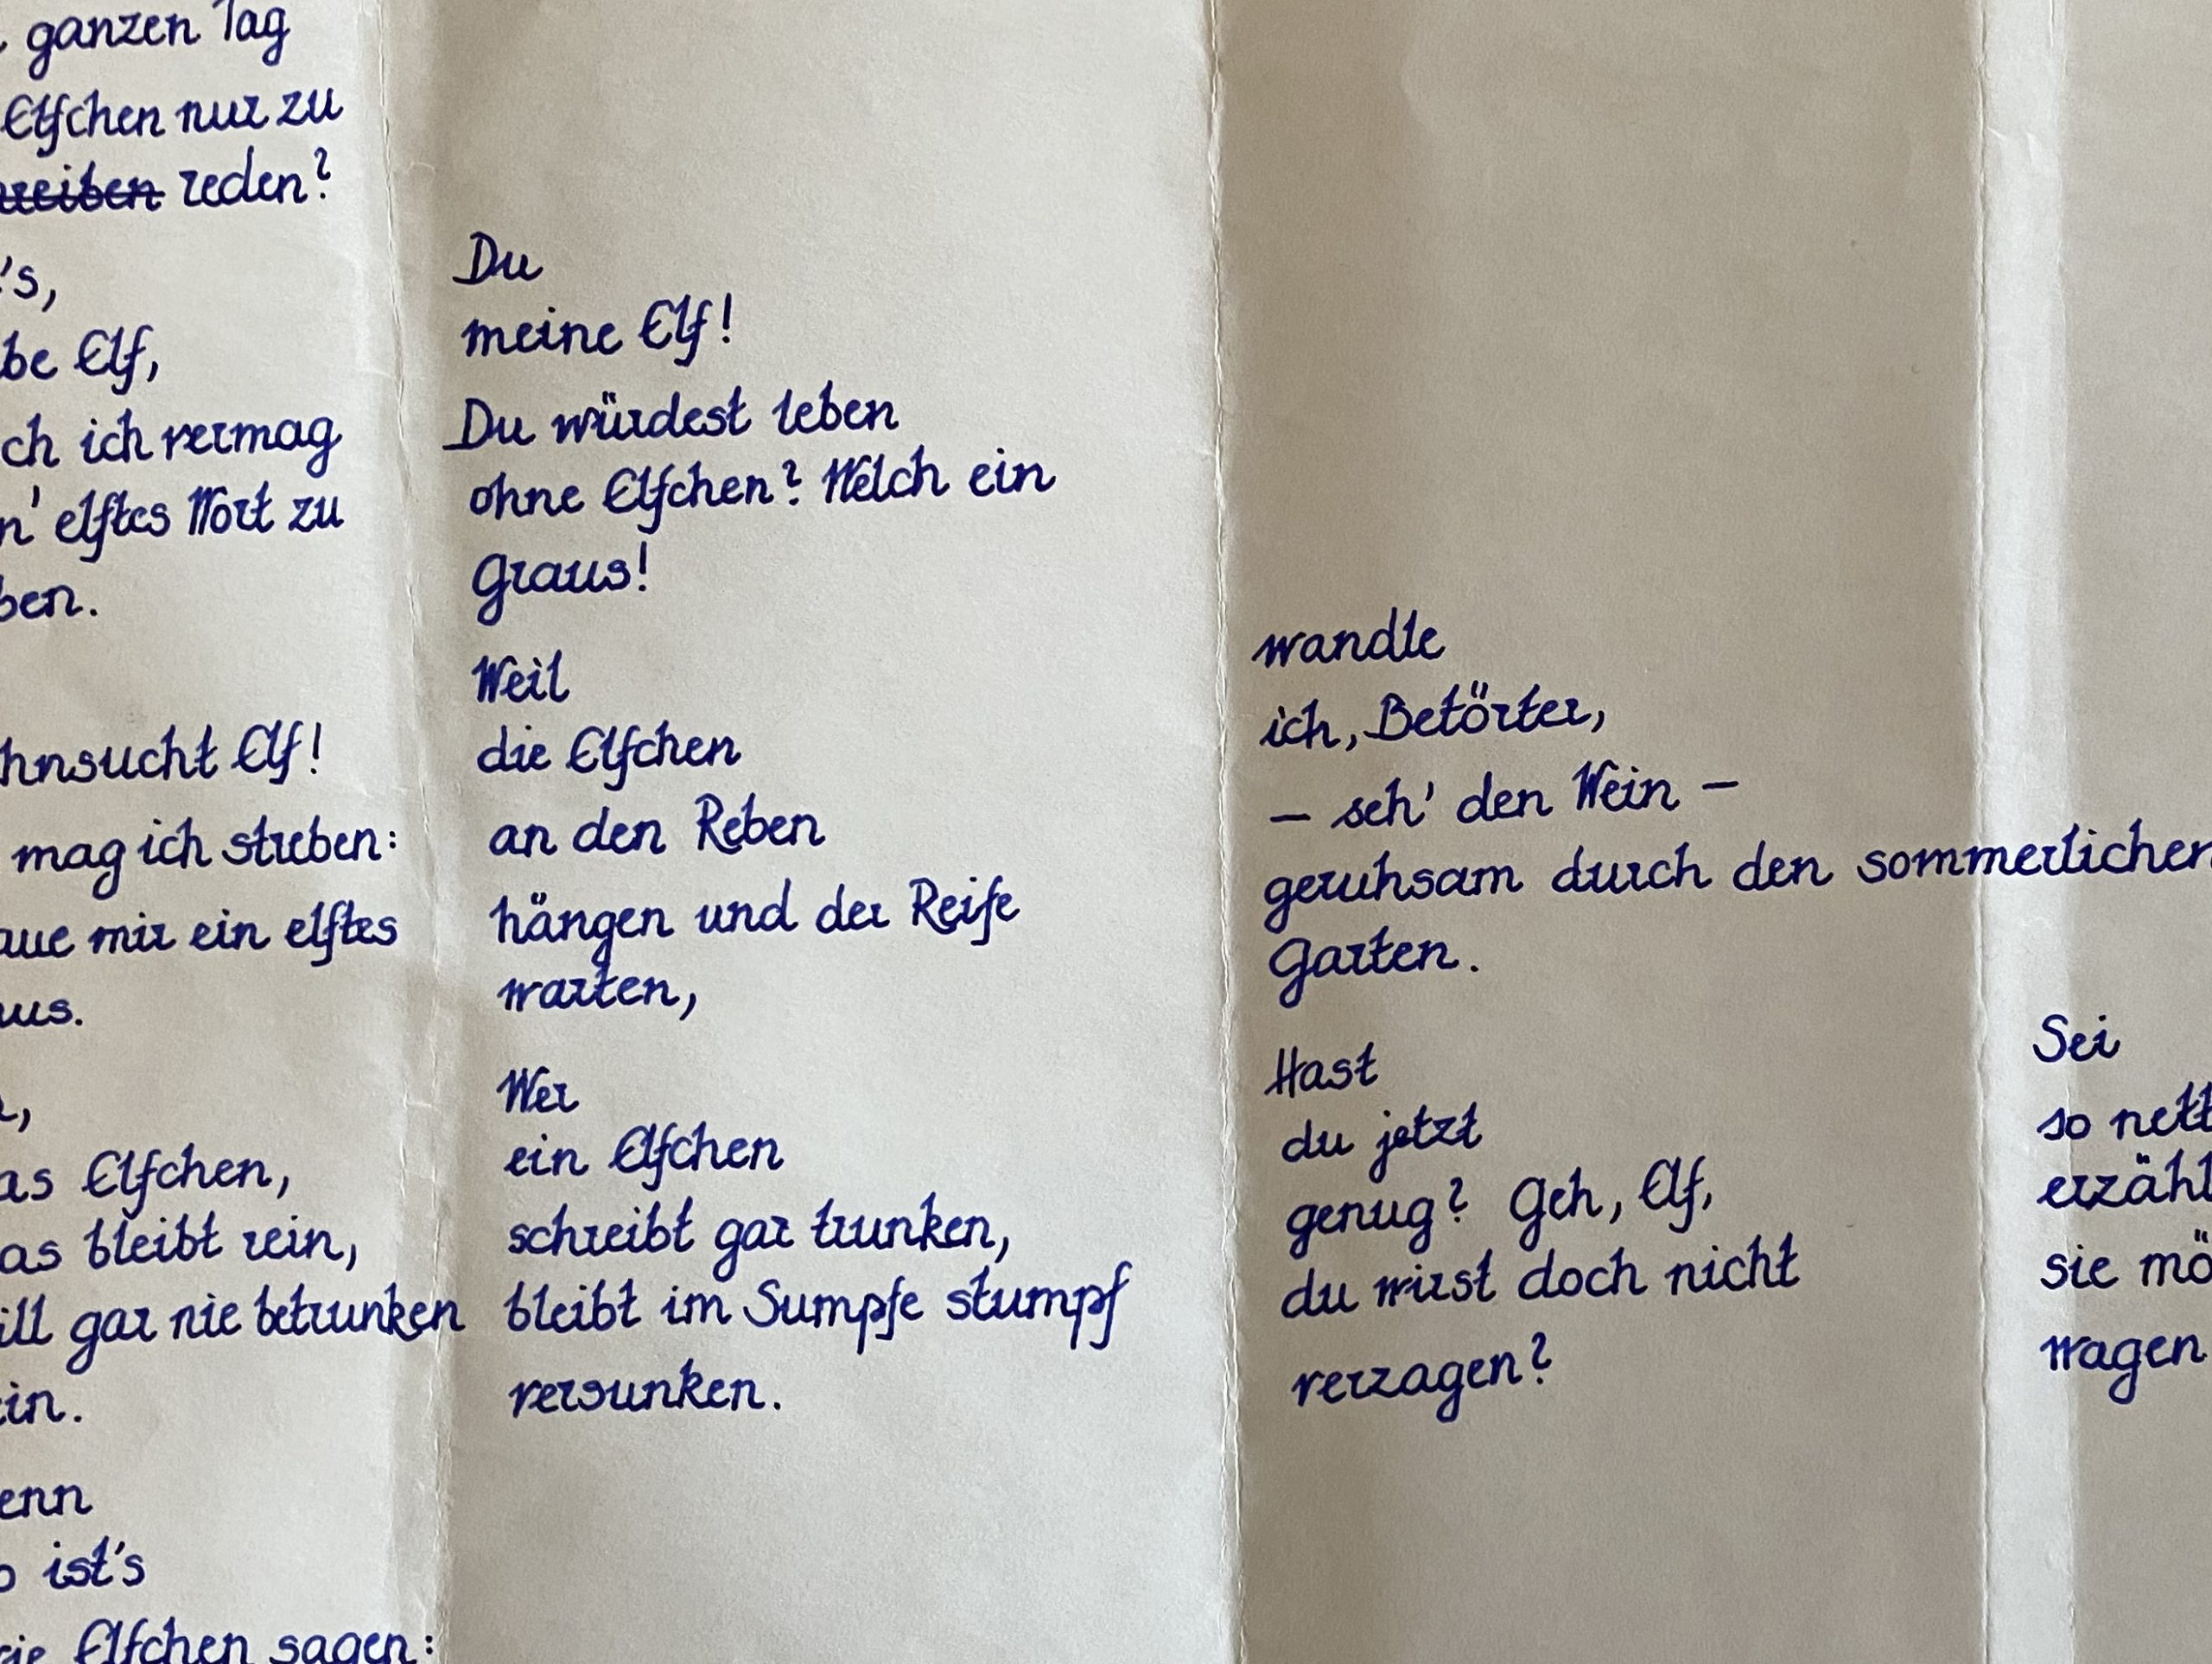 Elfchen gedicht liebe